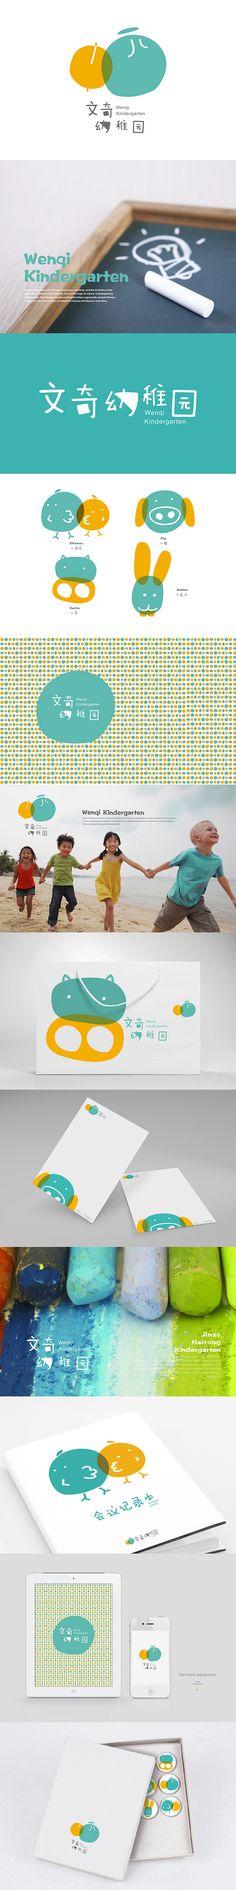 【文奇幼儿园】VI视觉设计